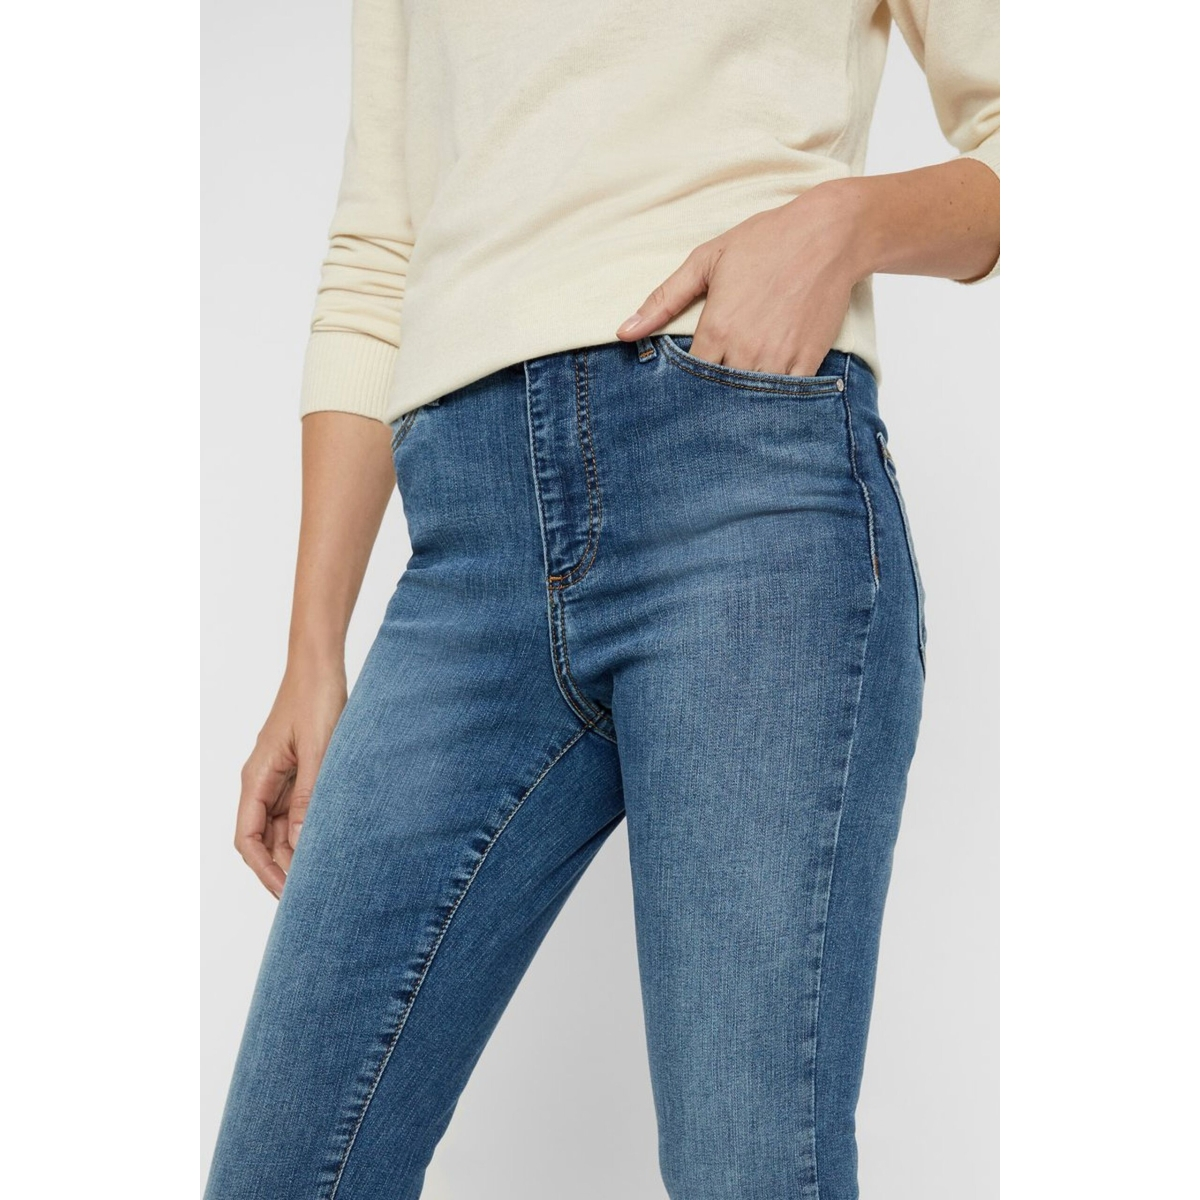 vmsophia hw skinny jeans lt bl noos 10193330 vero moda jeans light blue denim